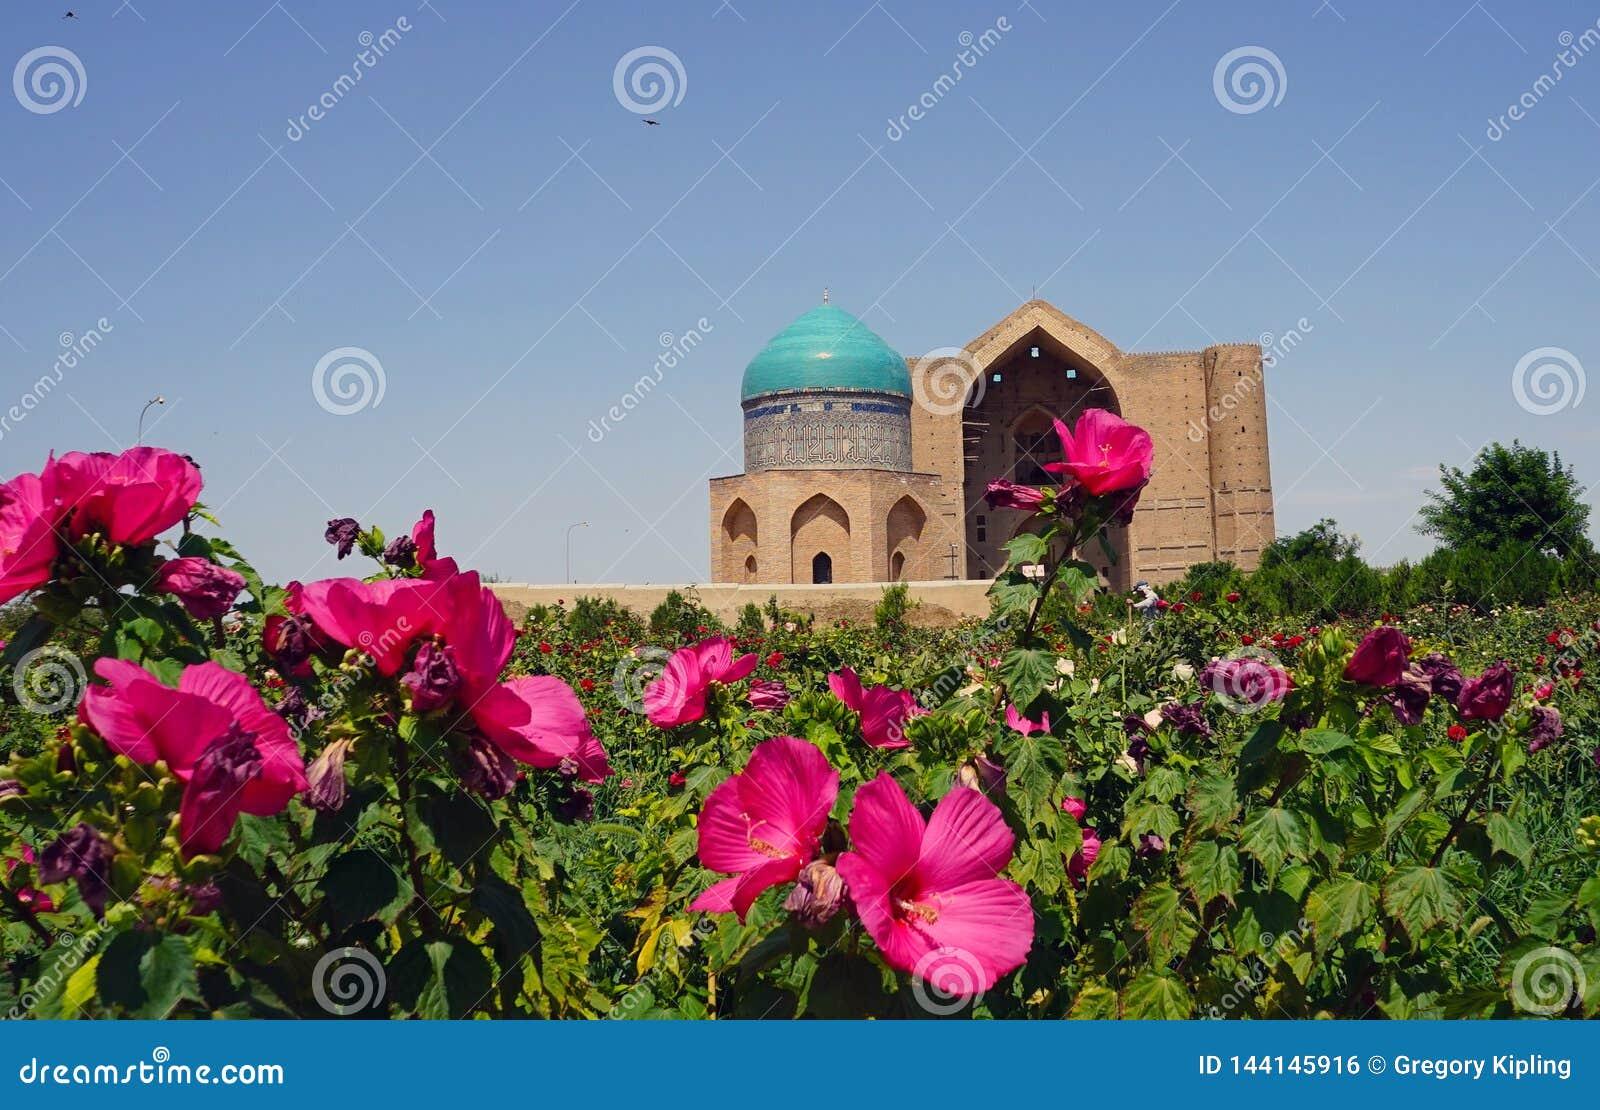 Mausoleum von Khoja Ahmed Yasawi, Turkestan, Kasachstan